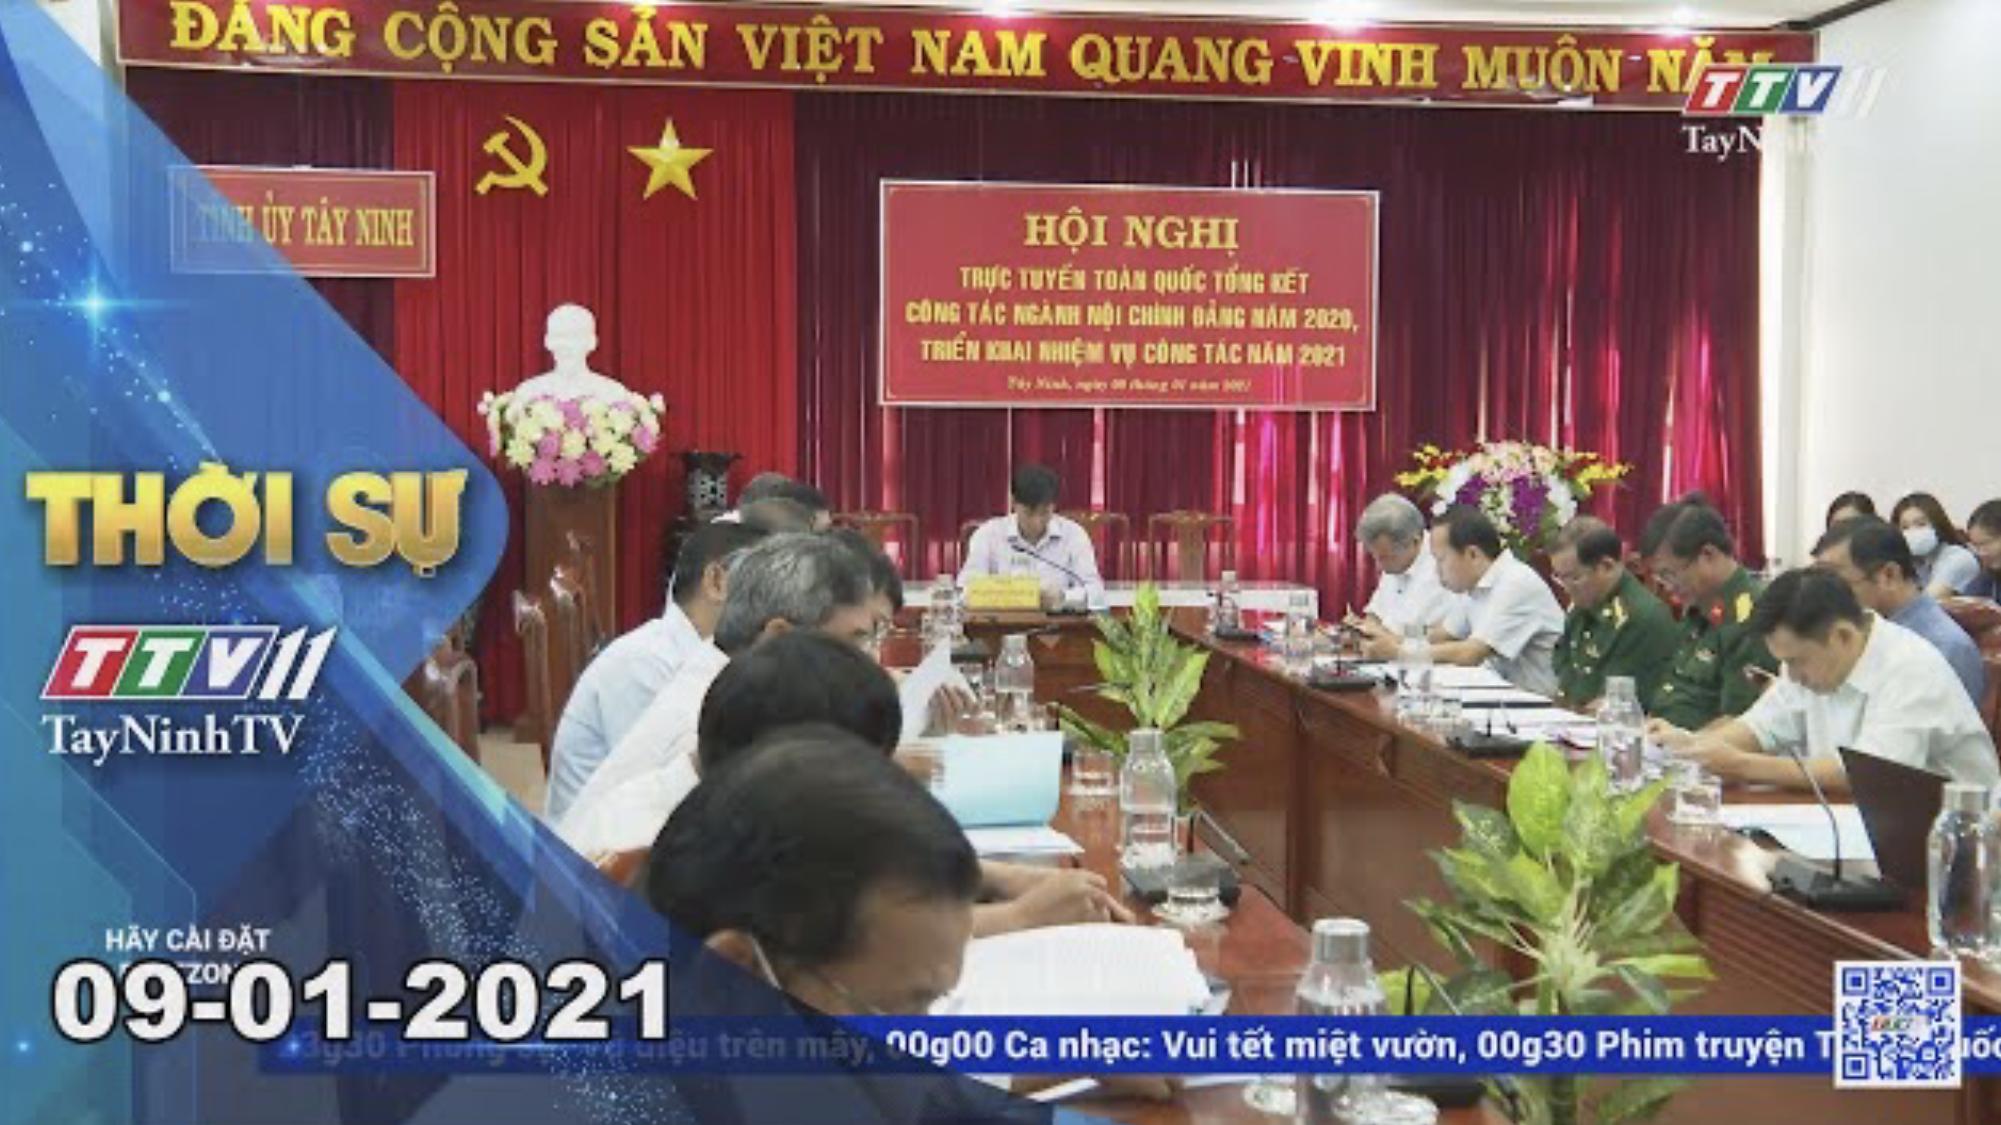 Thời sự Tây Ninh 09-01-2021 | Tin tức hôm nay | TayNinhTV